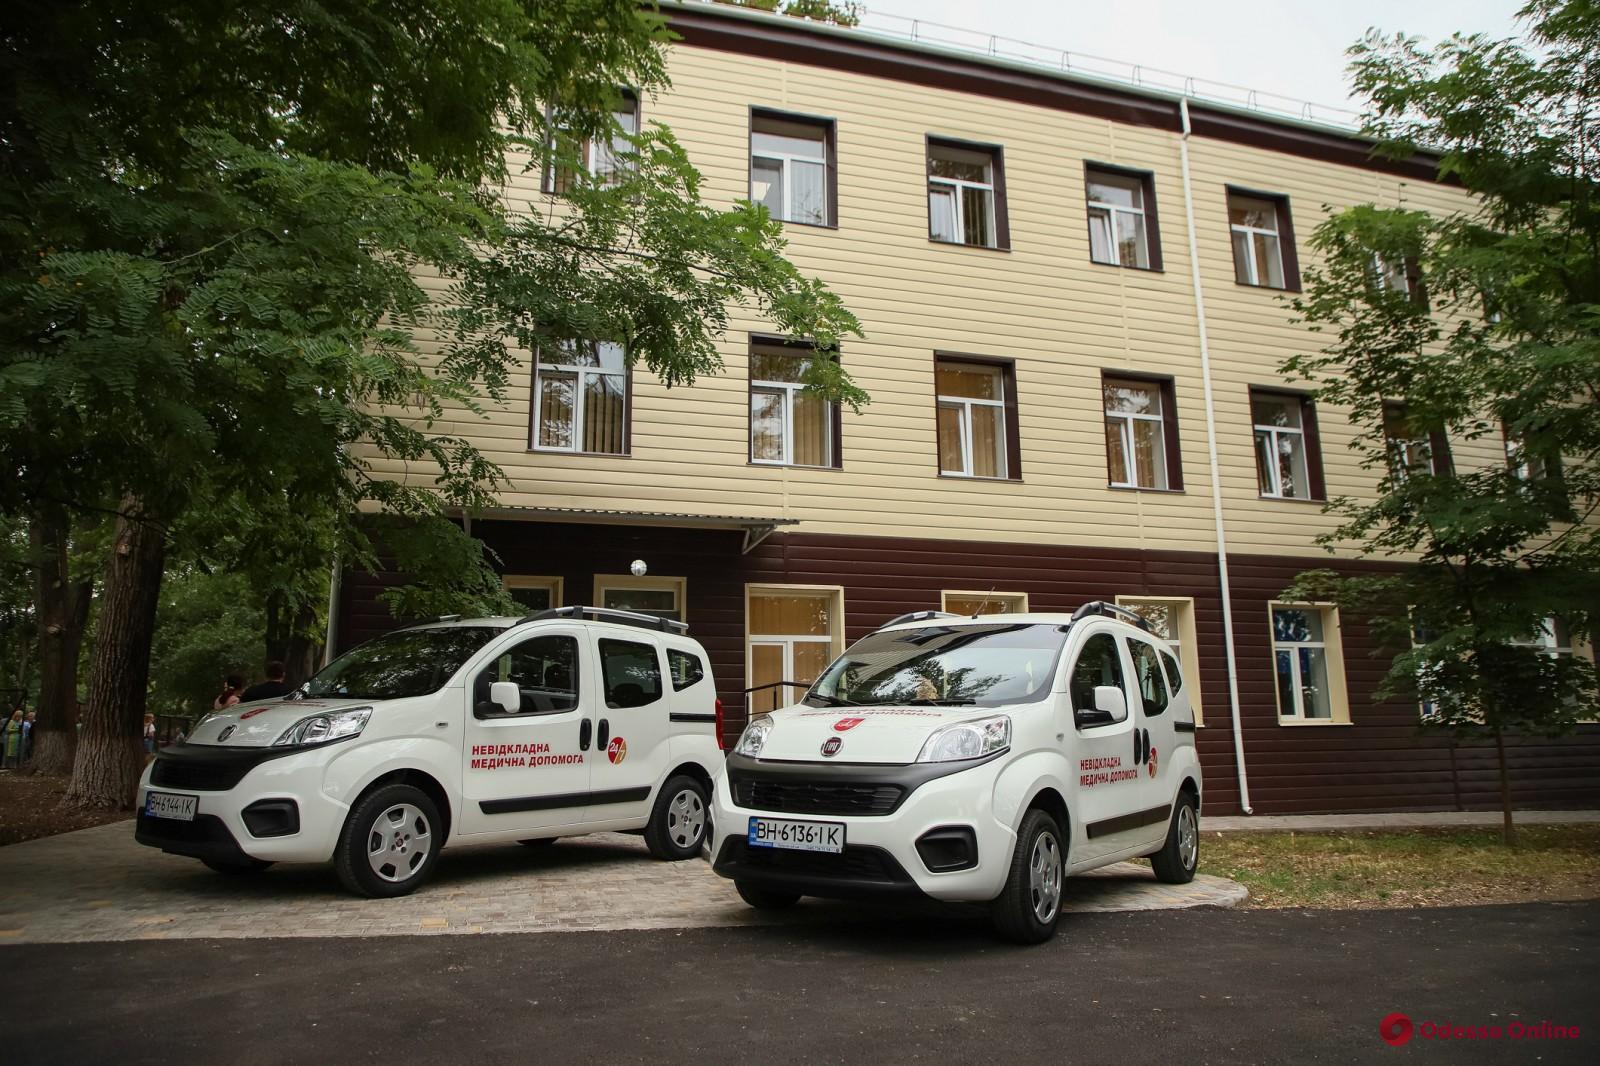 На Житомирской после капремонта открыли Центр медико-санитарной помощи (фото)